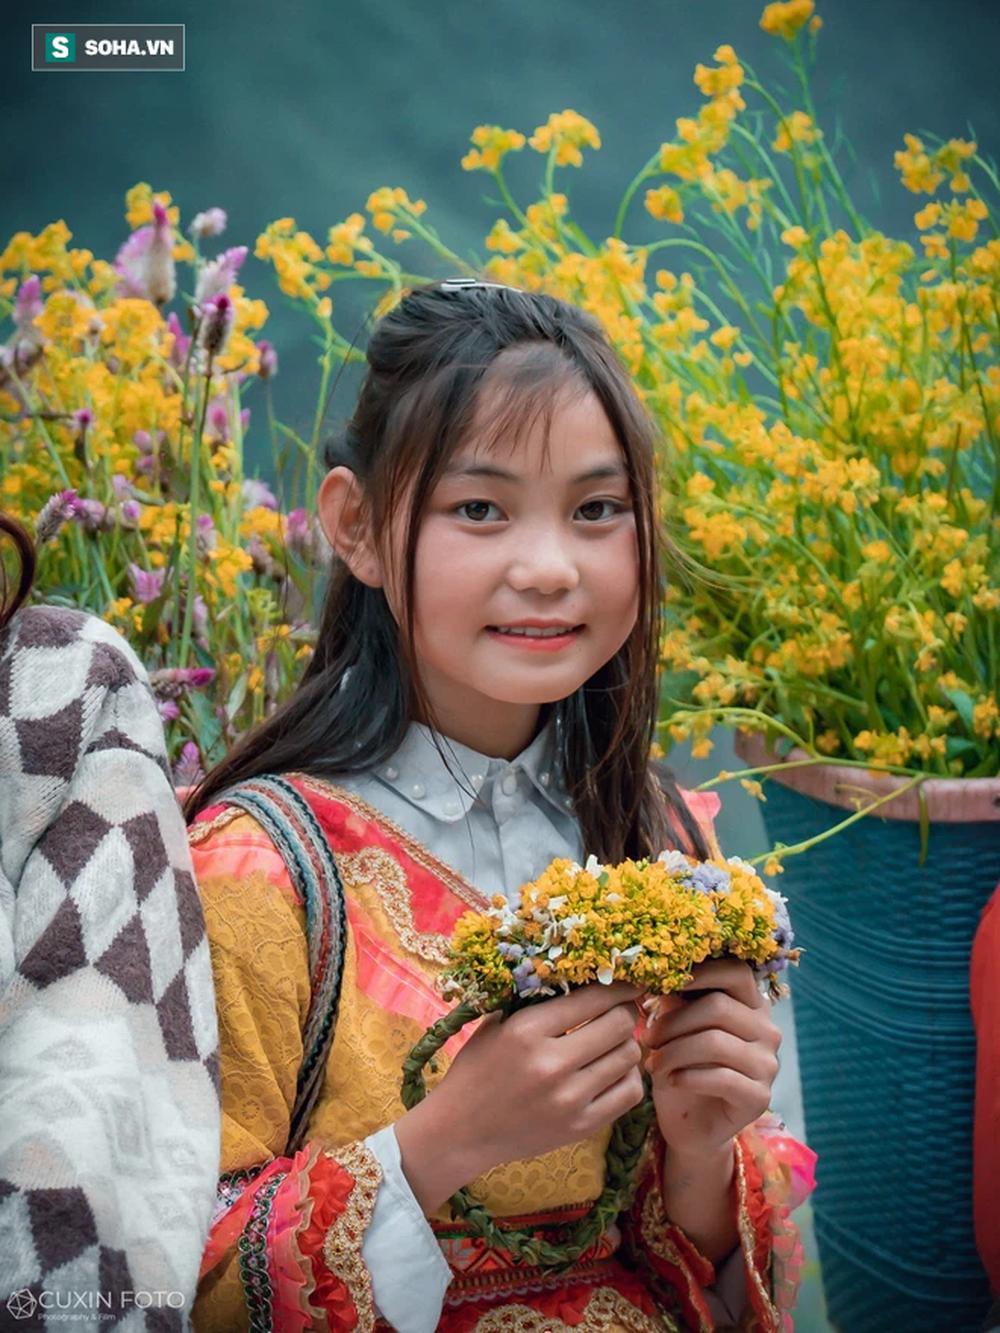 Em gái Hà Giang sở hữu nhan sắc cực nét khiến dân mạng tới tấp khen ngợi: Hoa của đá - Ảnh 8.